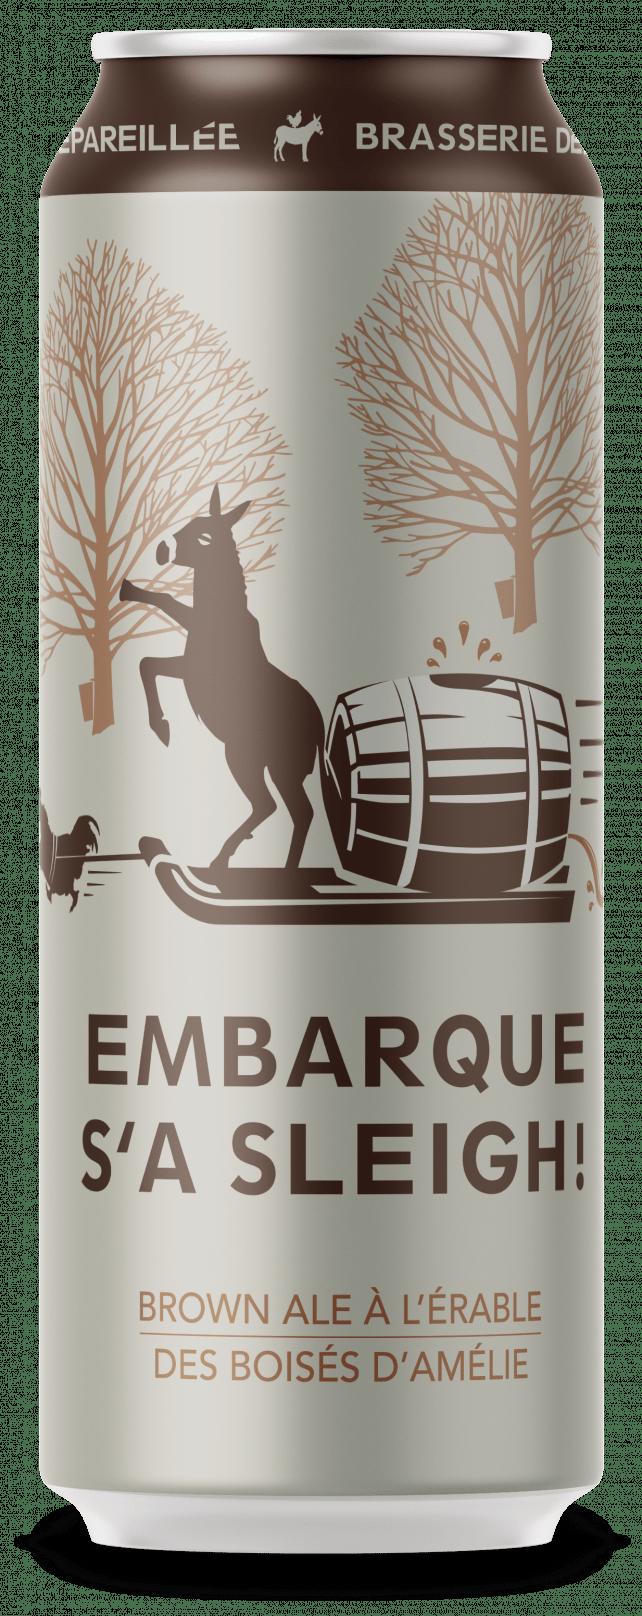 Embarque s'a sleigh!